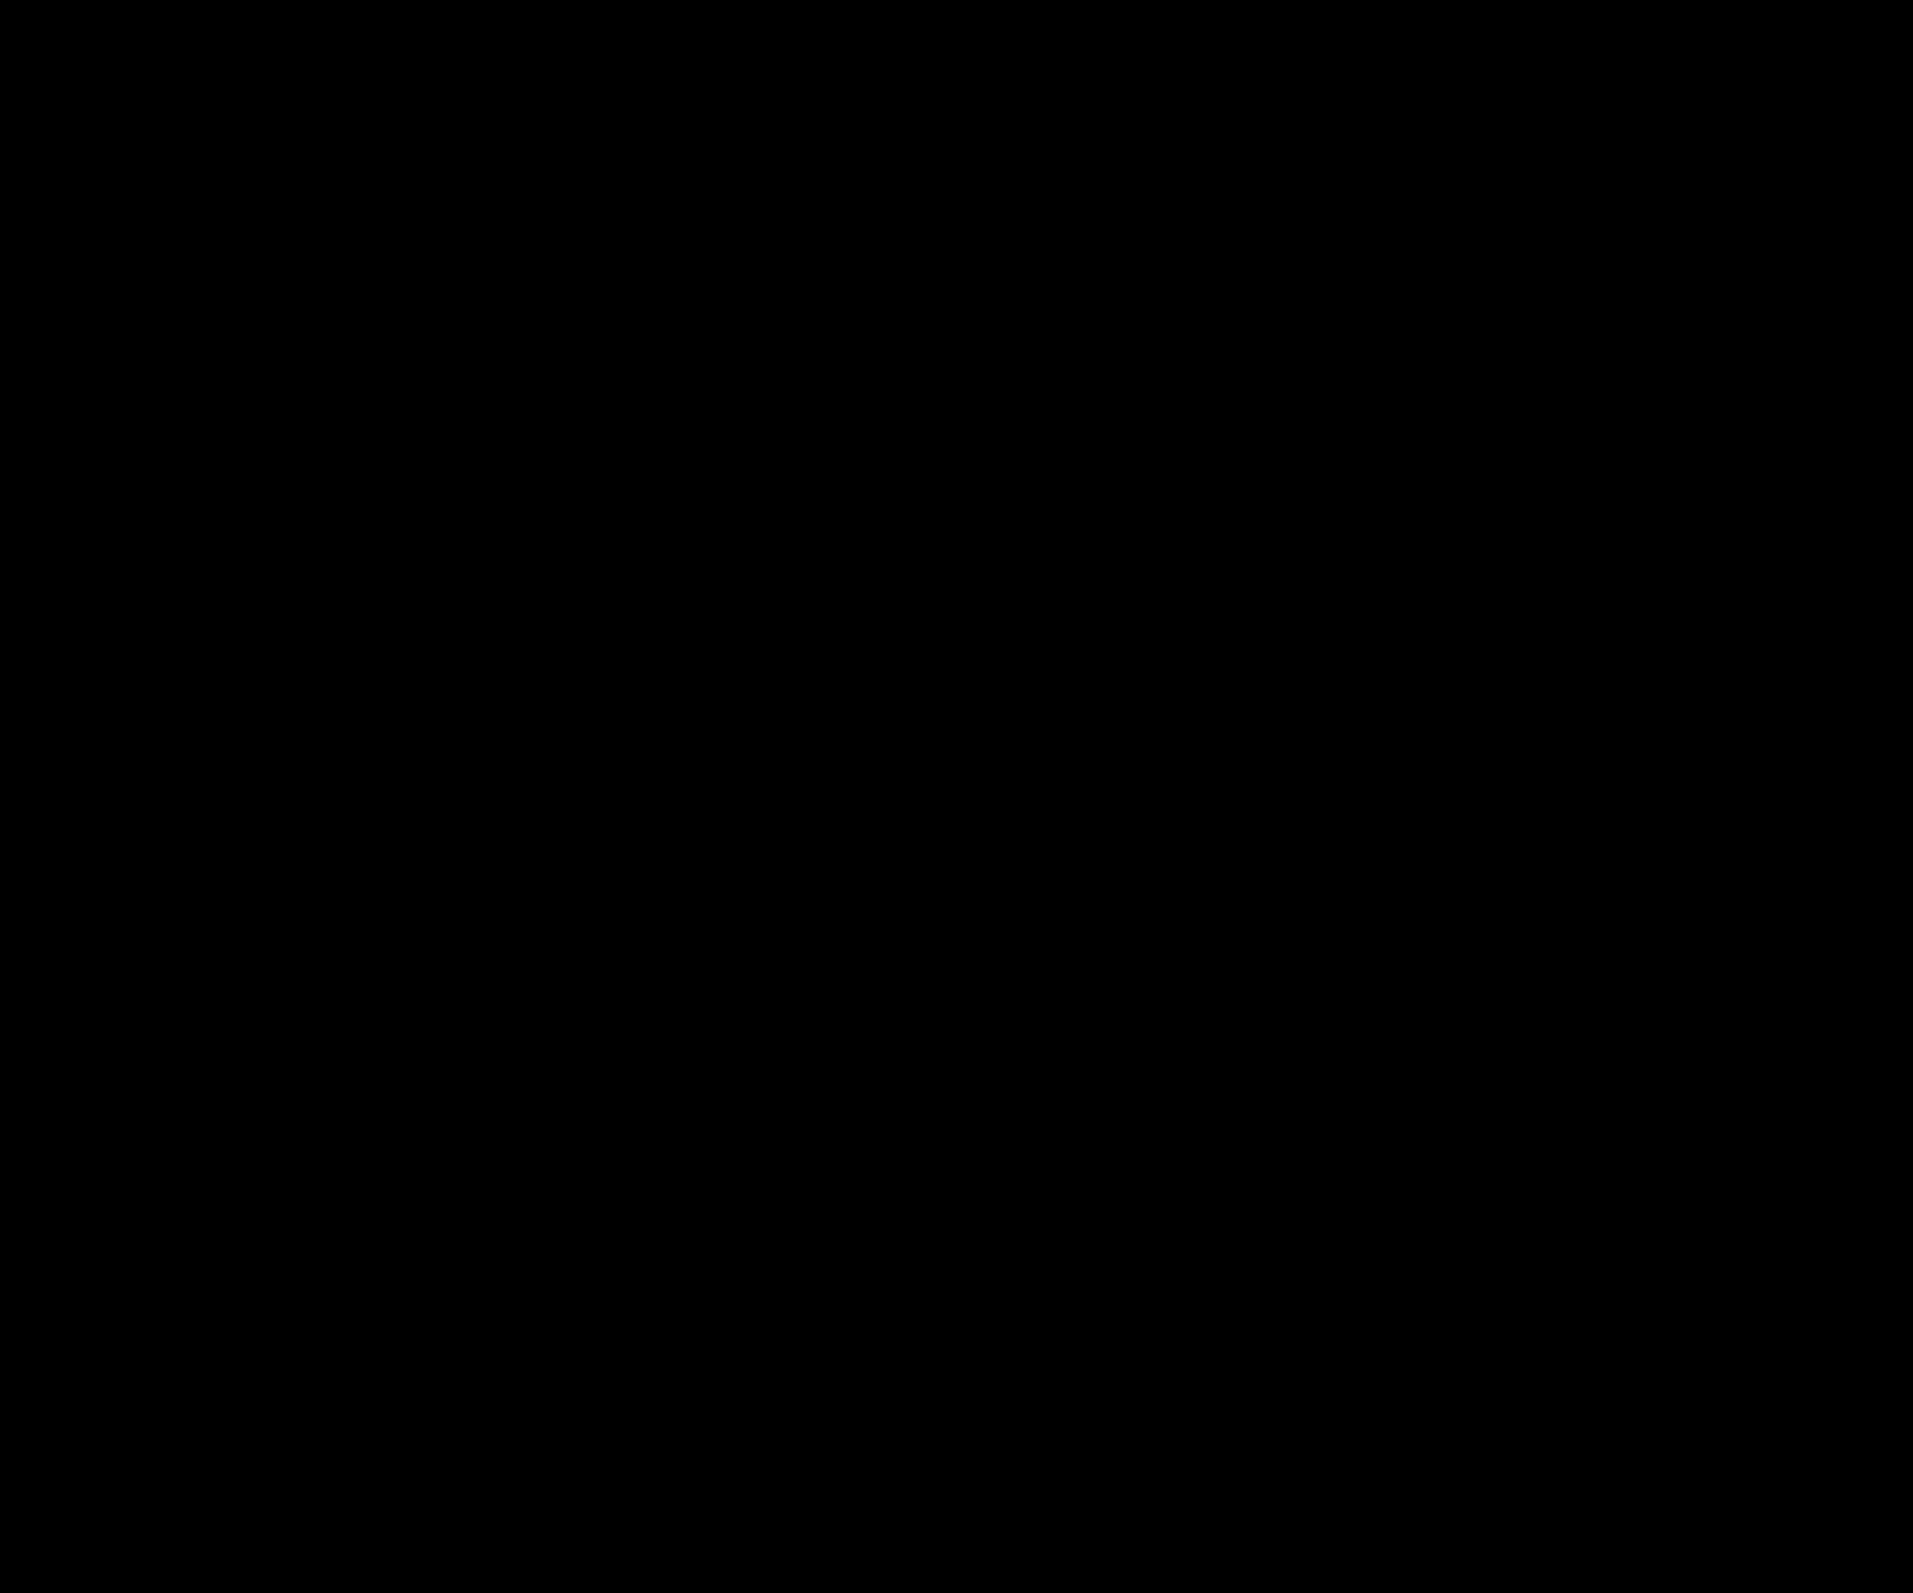 MUSTERLICHTPUNKT – ORTSKERN OTTENSCHLAG